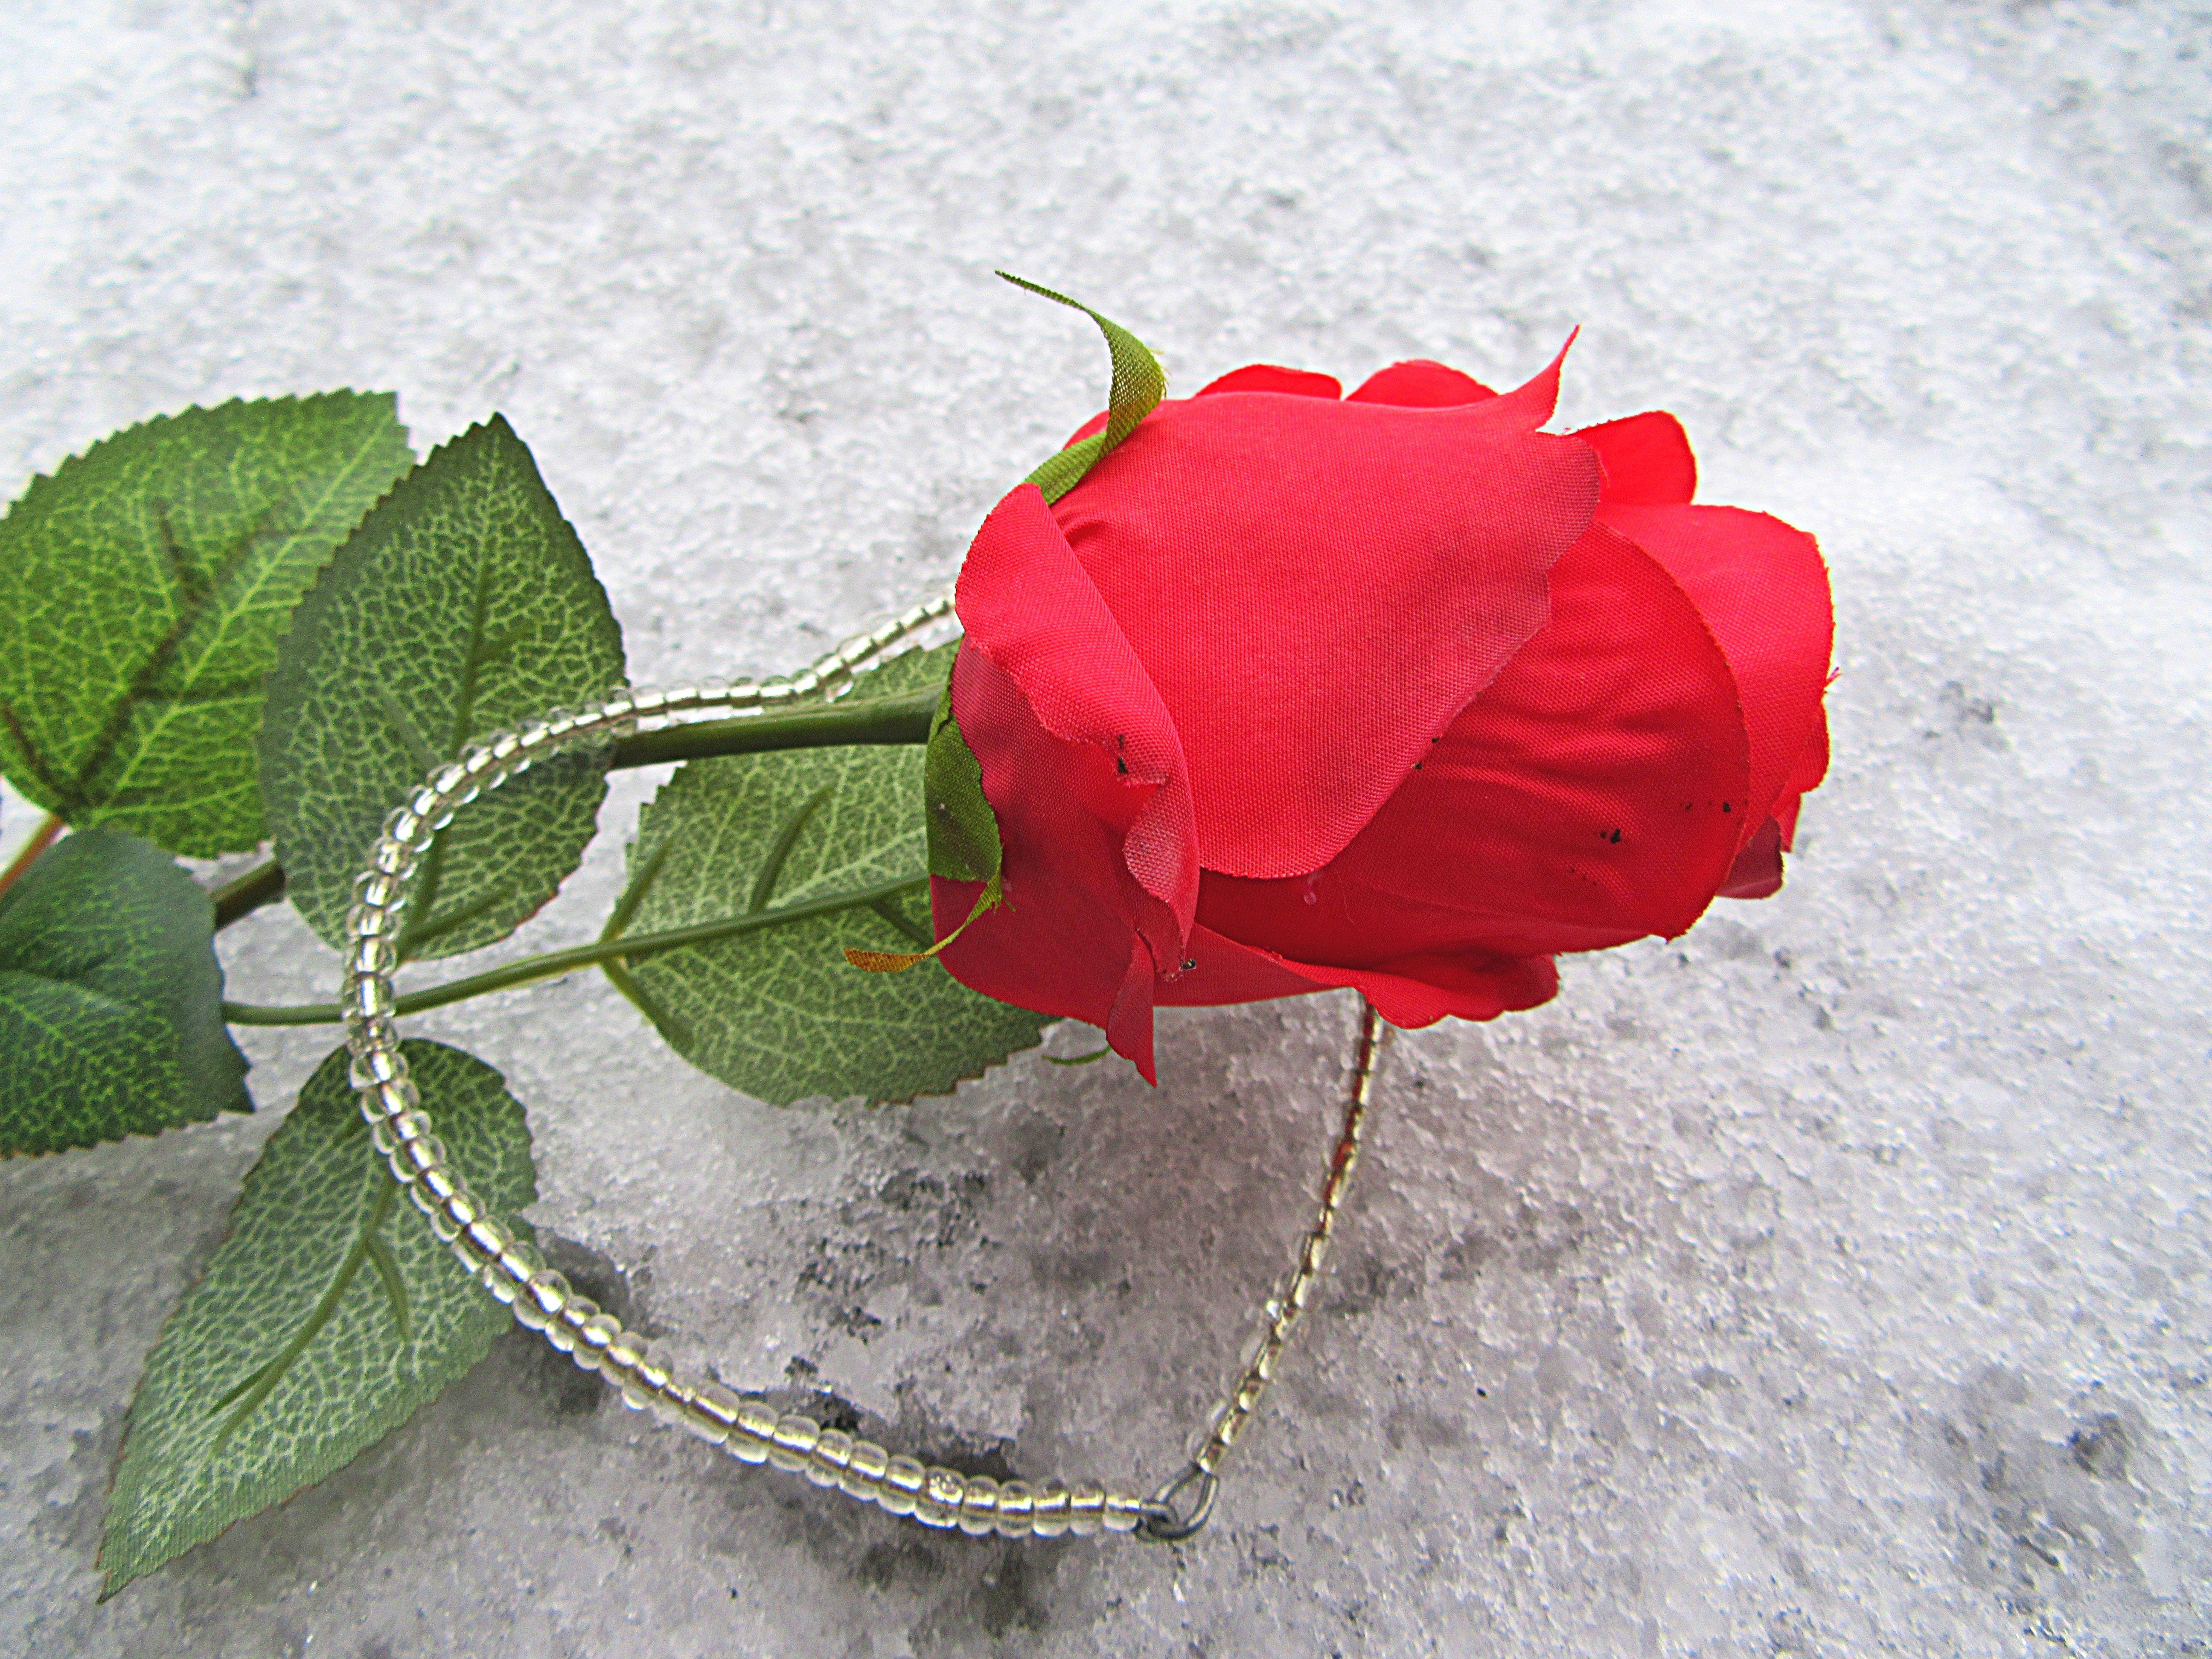 Gambar Salju Menanam Daun Bunga Dekorasi Merah Percintaan